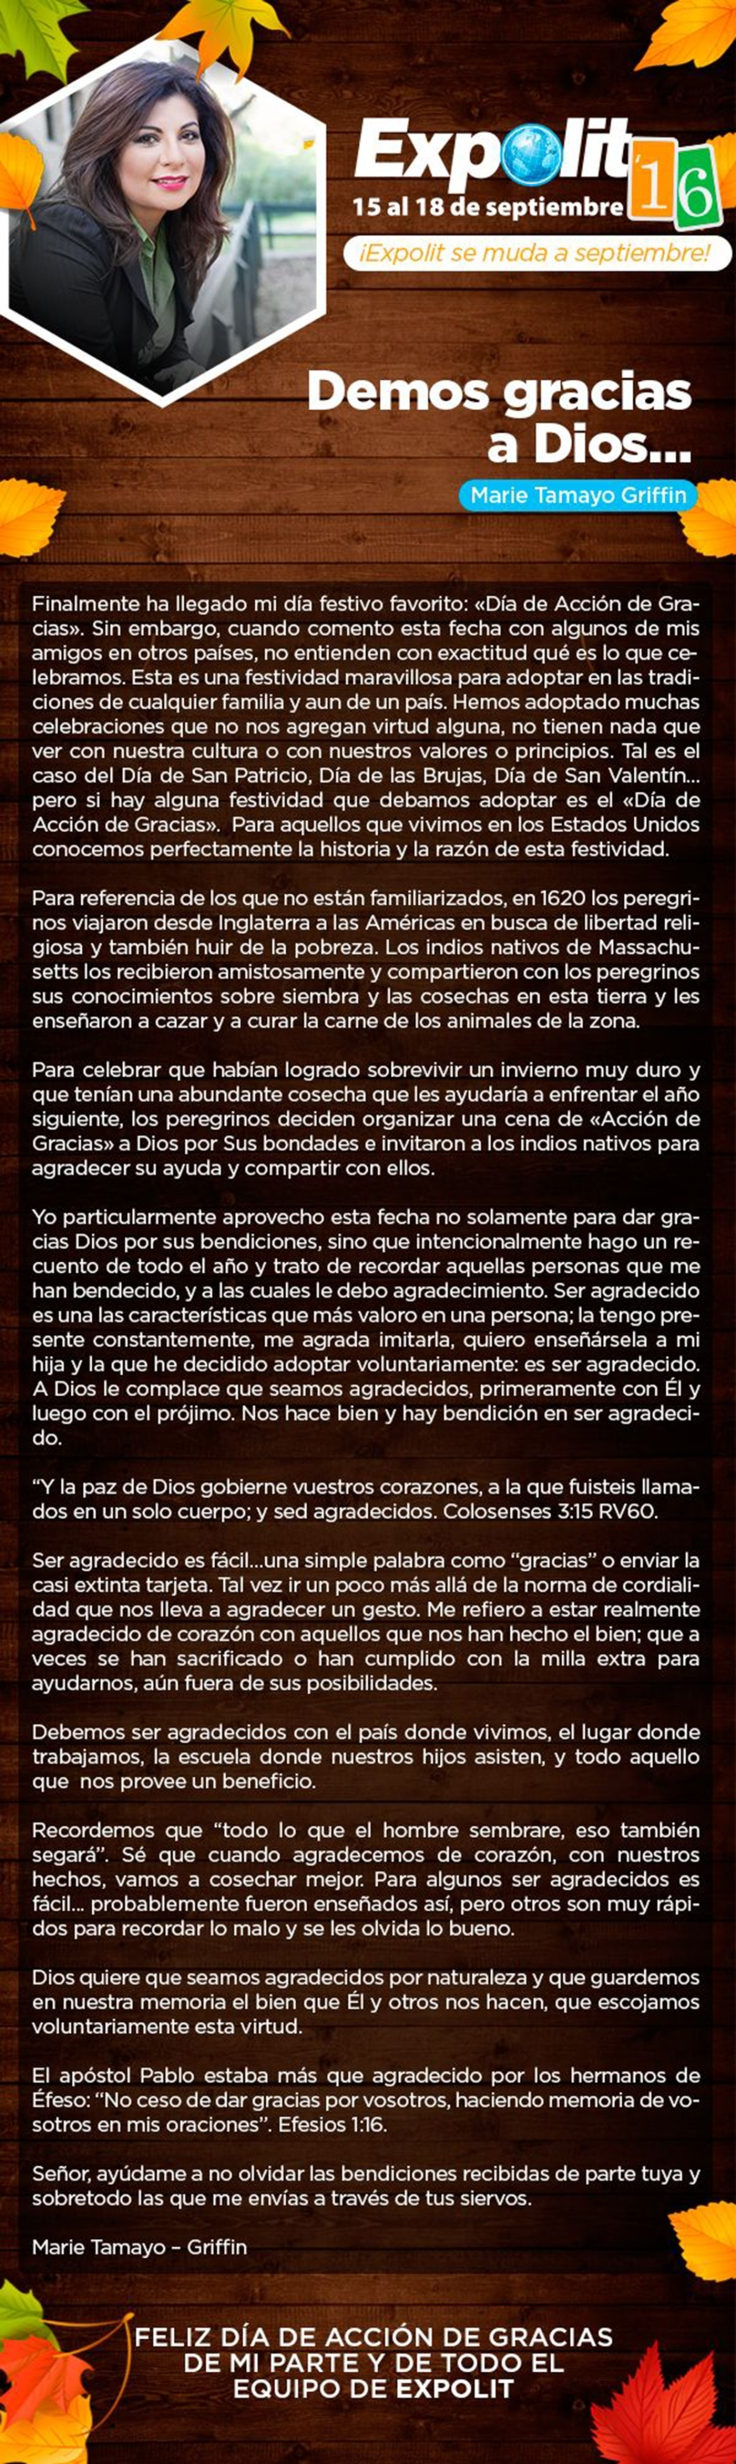 A-ExpolitMarieDemosGracias22